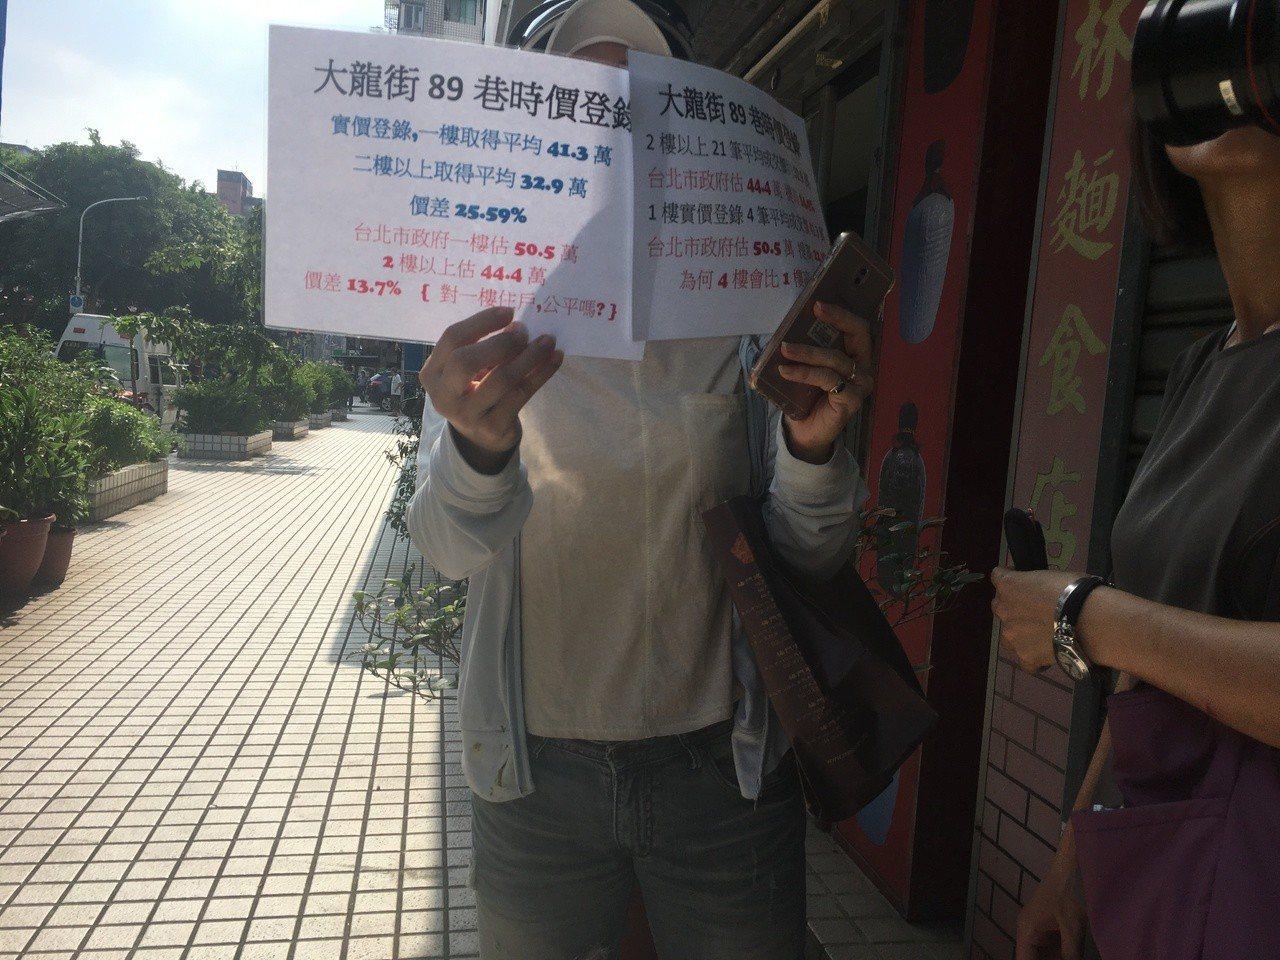 台北市推動斯文里三期公辦都更,明天(18日)正式拆除,卻仍有4位不同意戶。台北市...